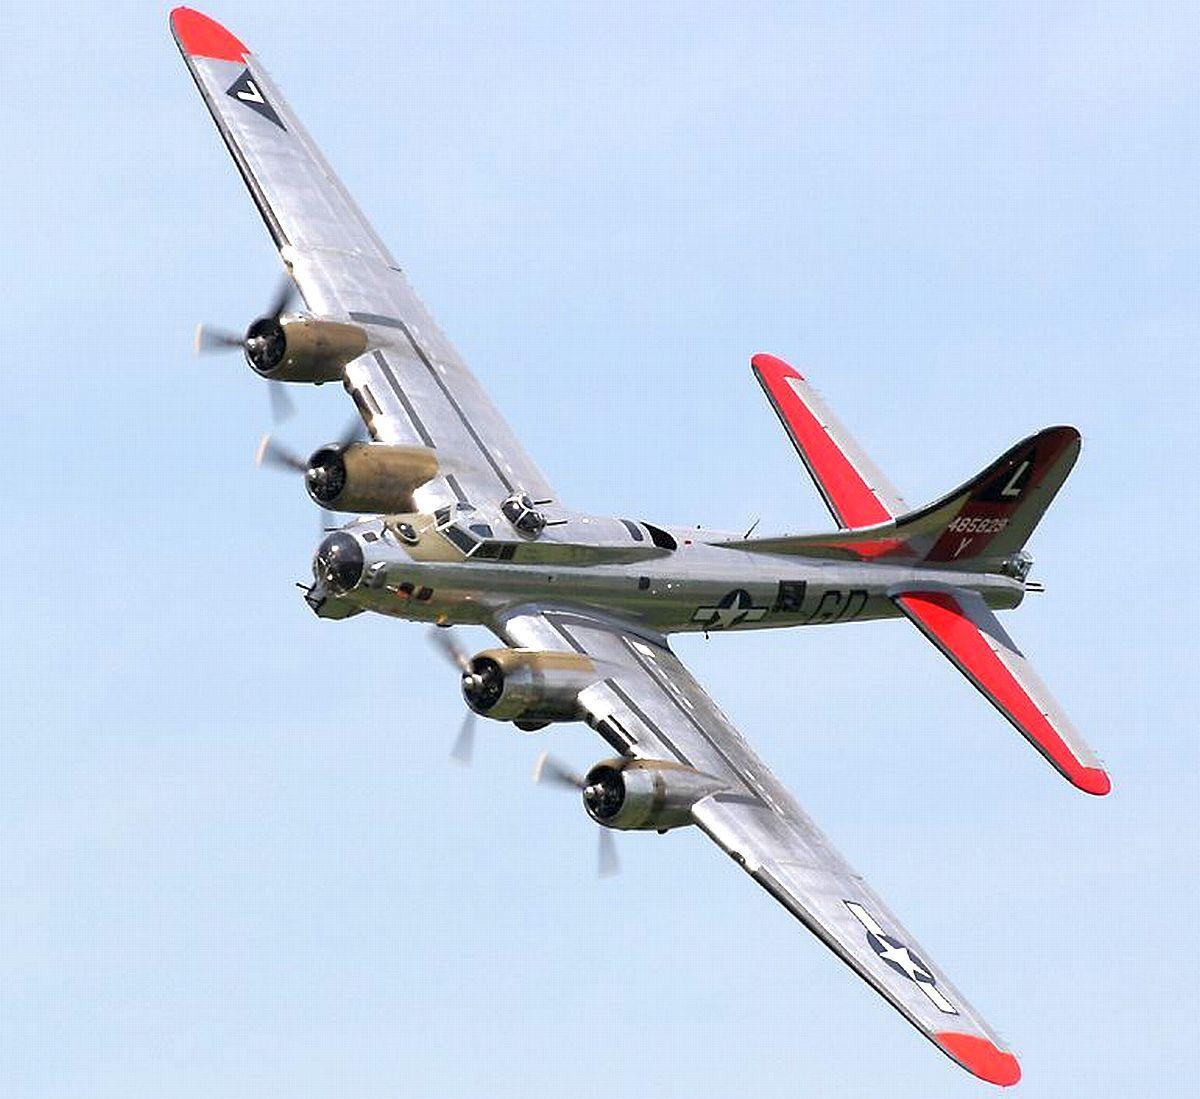 Boeing B17 Flying Fortress www.Χαθηκε.gr ΔΩΡΕΑΝ ΑΓΓΕΛΙΕΣ